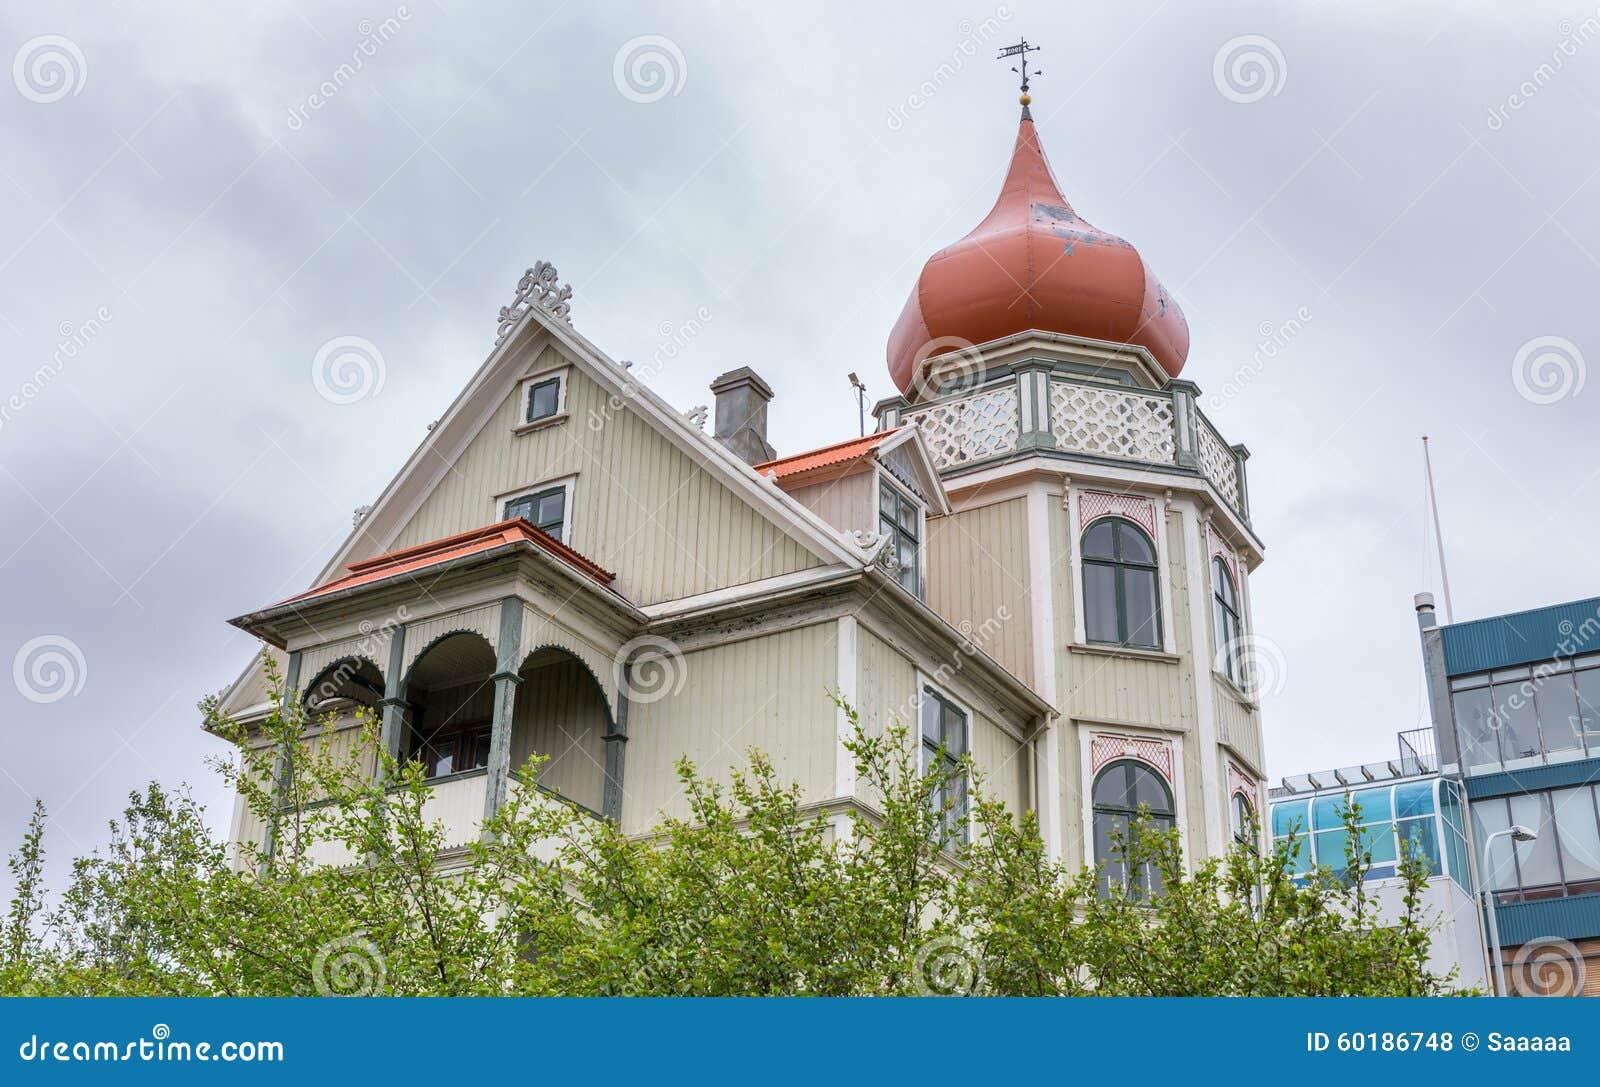 Haus in reykjavik island stockfoto bild von mitte for Haus island